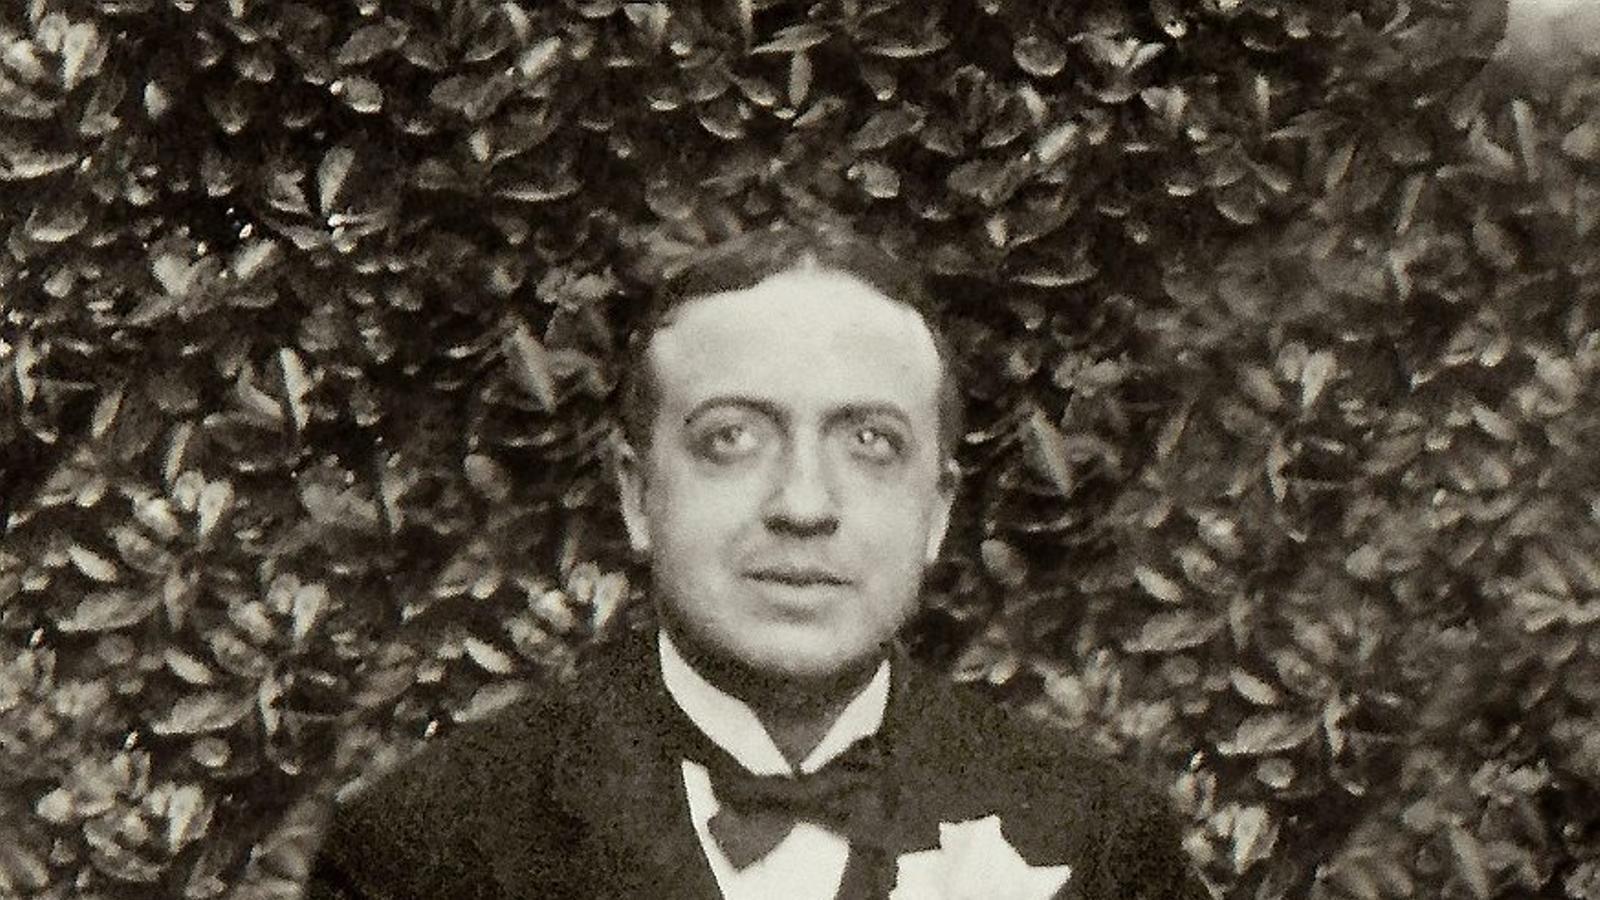 """Josep Carner i Puig-Oriol (Barcelona, 1884 - Brussel·les, 1970) és, segons l'editor Jordi Cornudella, """"el gran autor clàssic del segle XX català""""."""